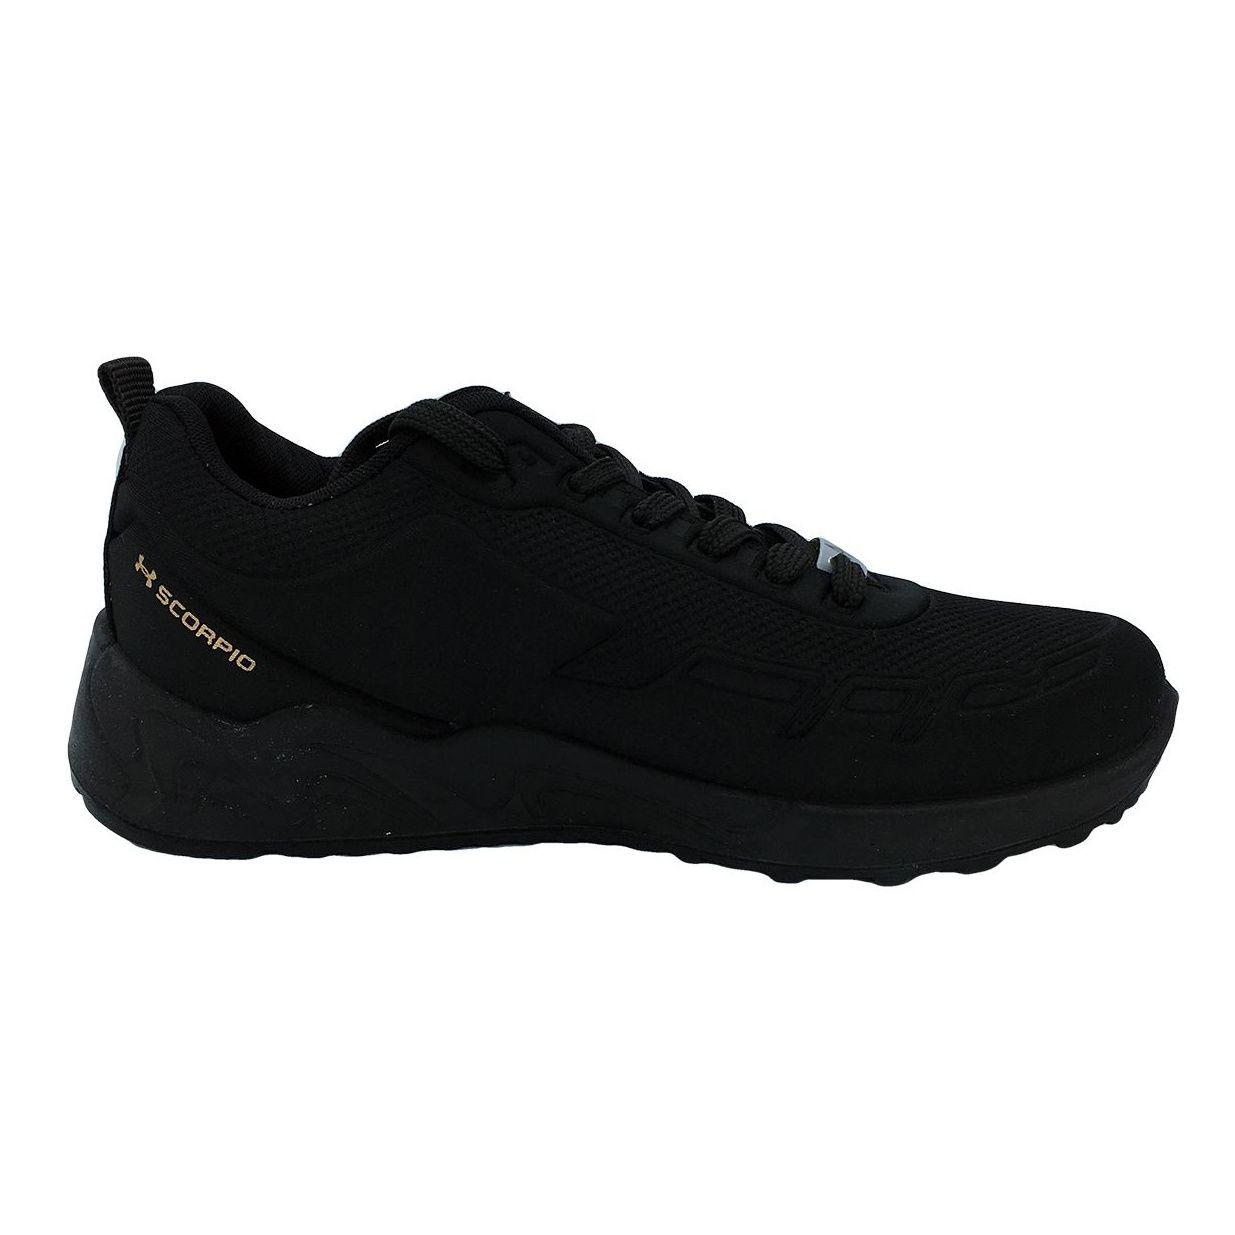 کفش مخصوص پیاده روی  زنانه مدل az-zn رنگ مشکی  main 1 2